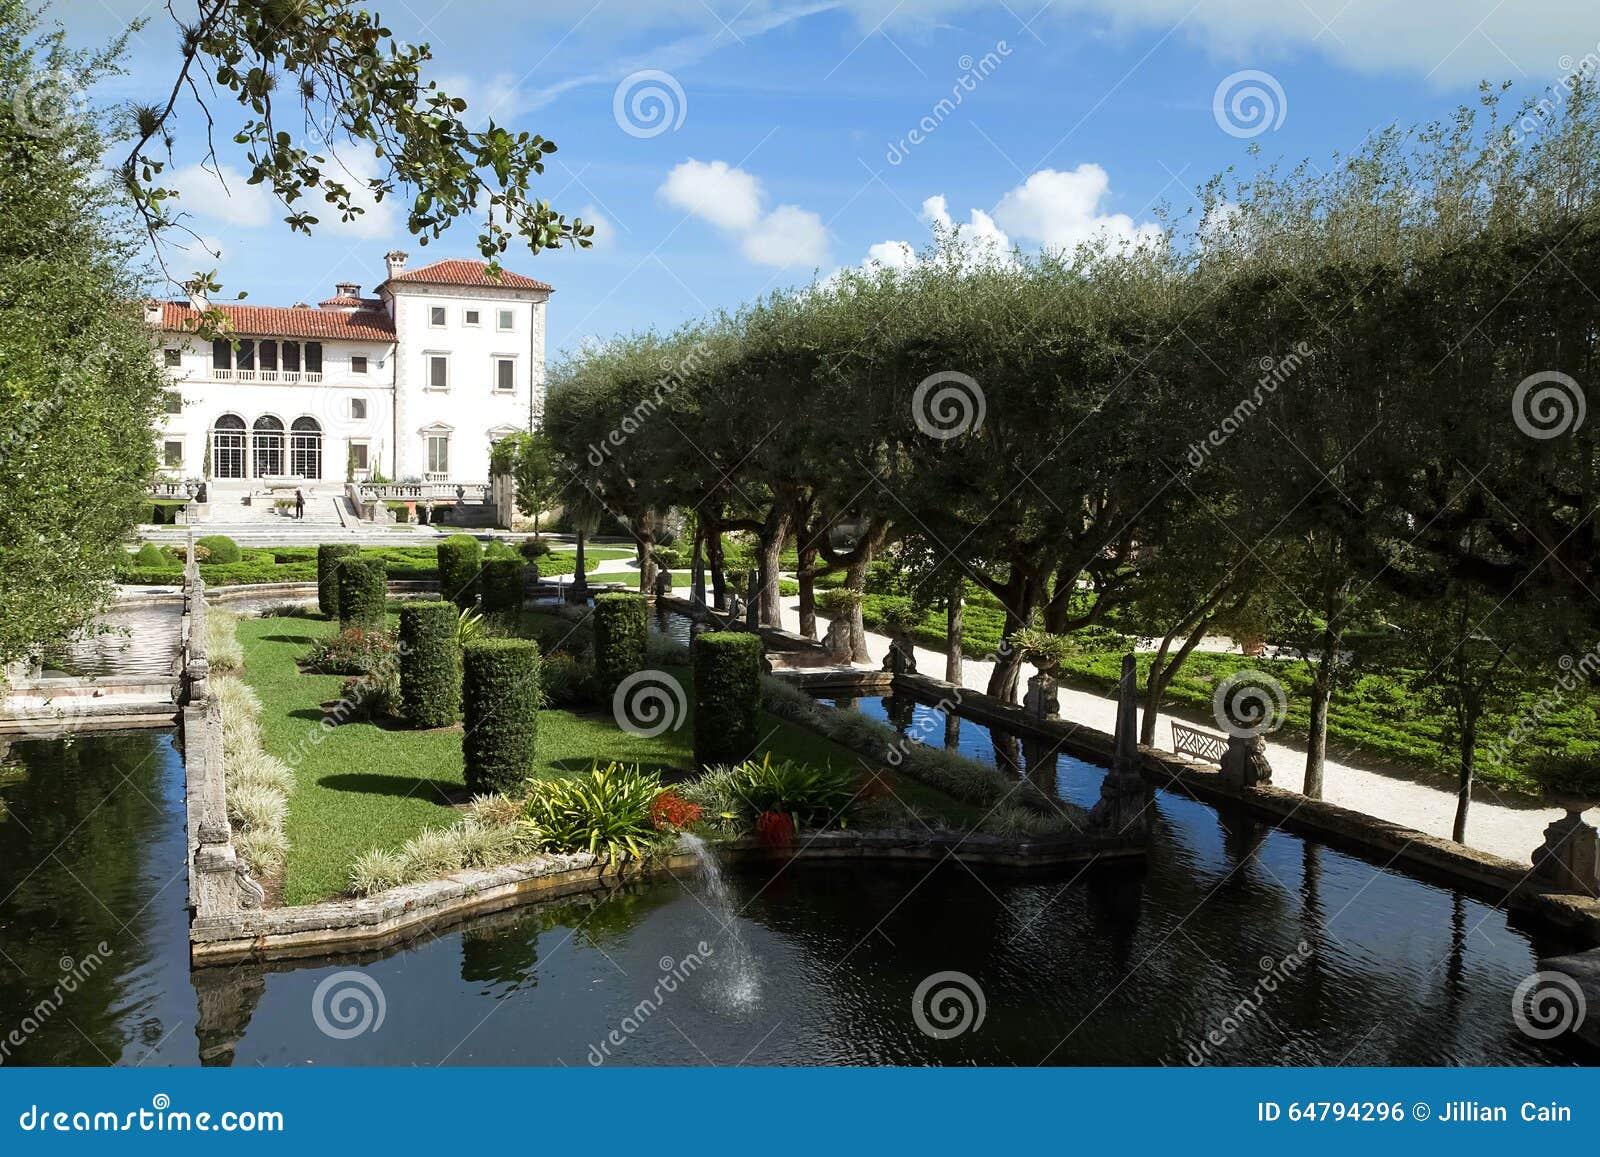 museo y jardines un chalet del y jardines de vizcaya situados en miami la florida los eeuu